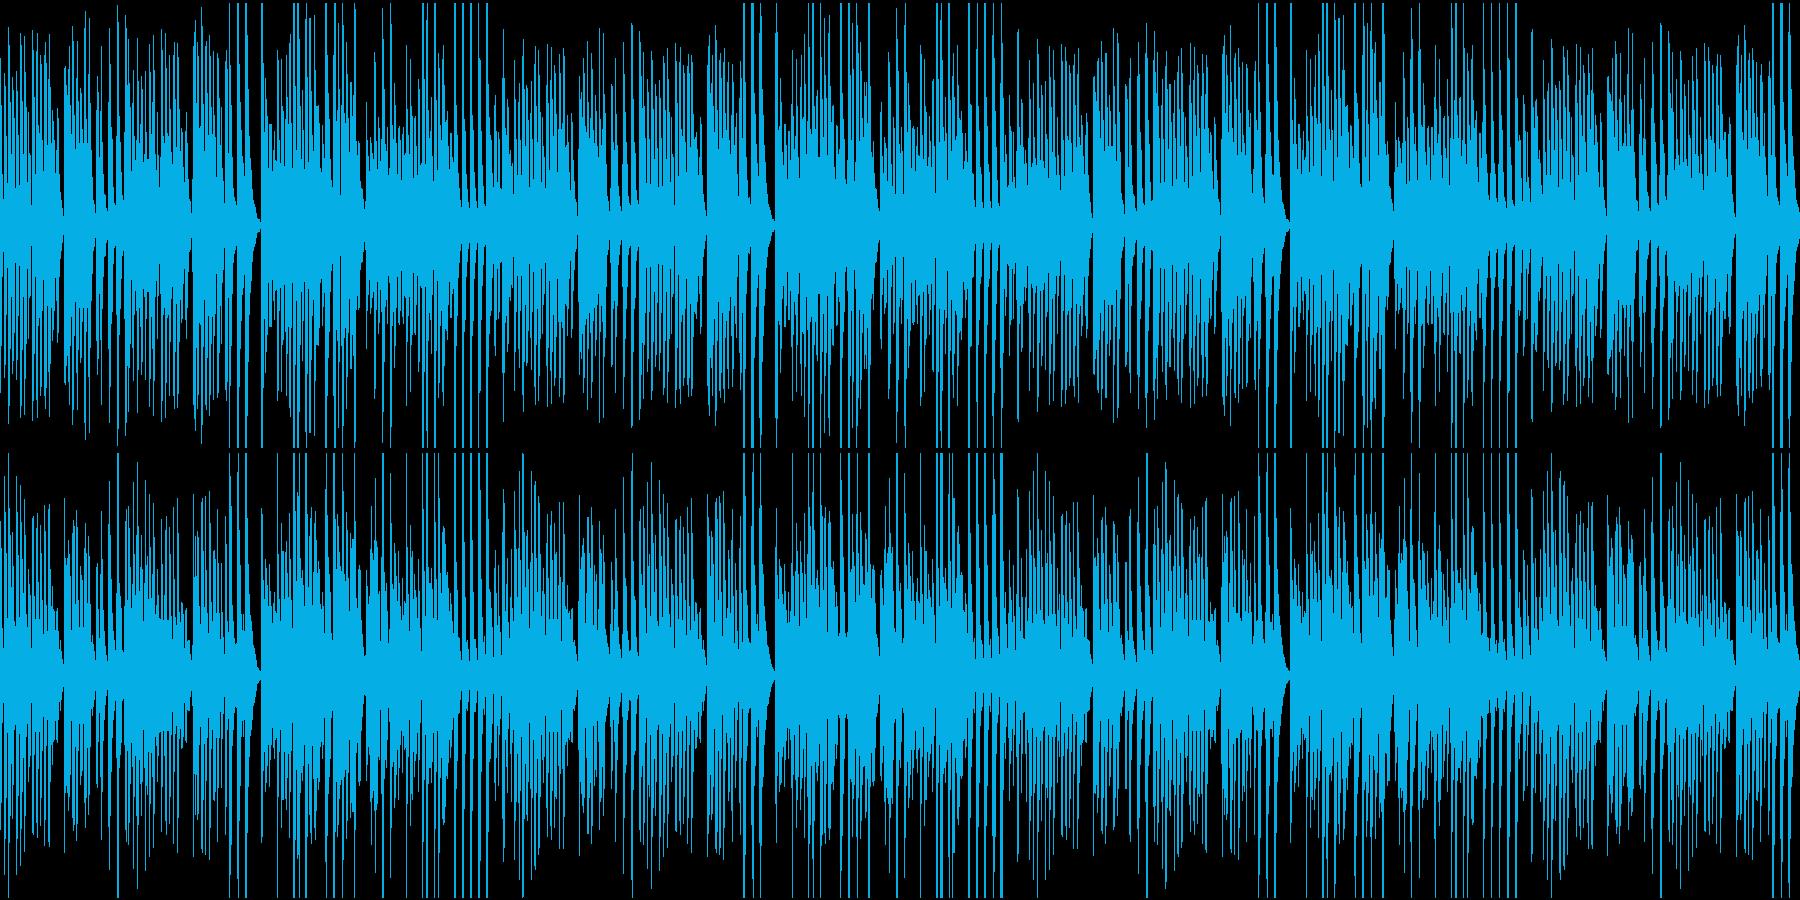 ポップで軽快なピチカートRPGループの再生済みの波形